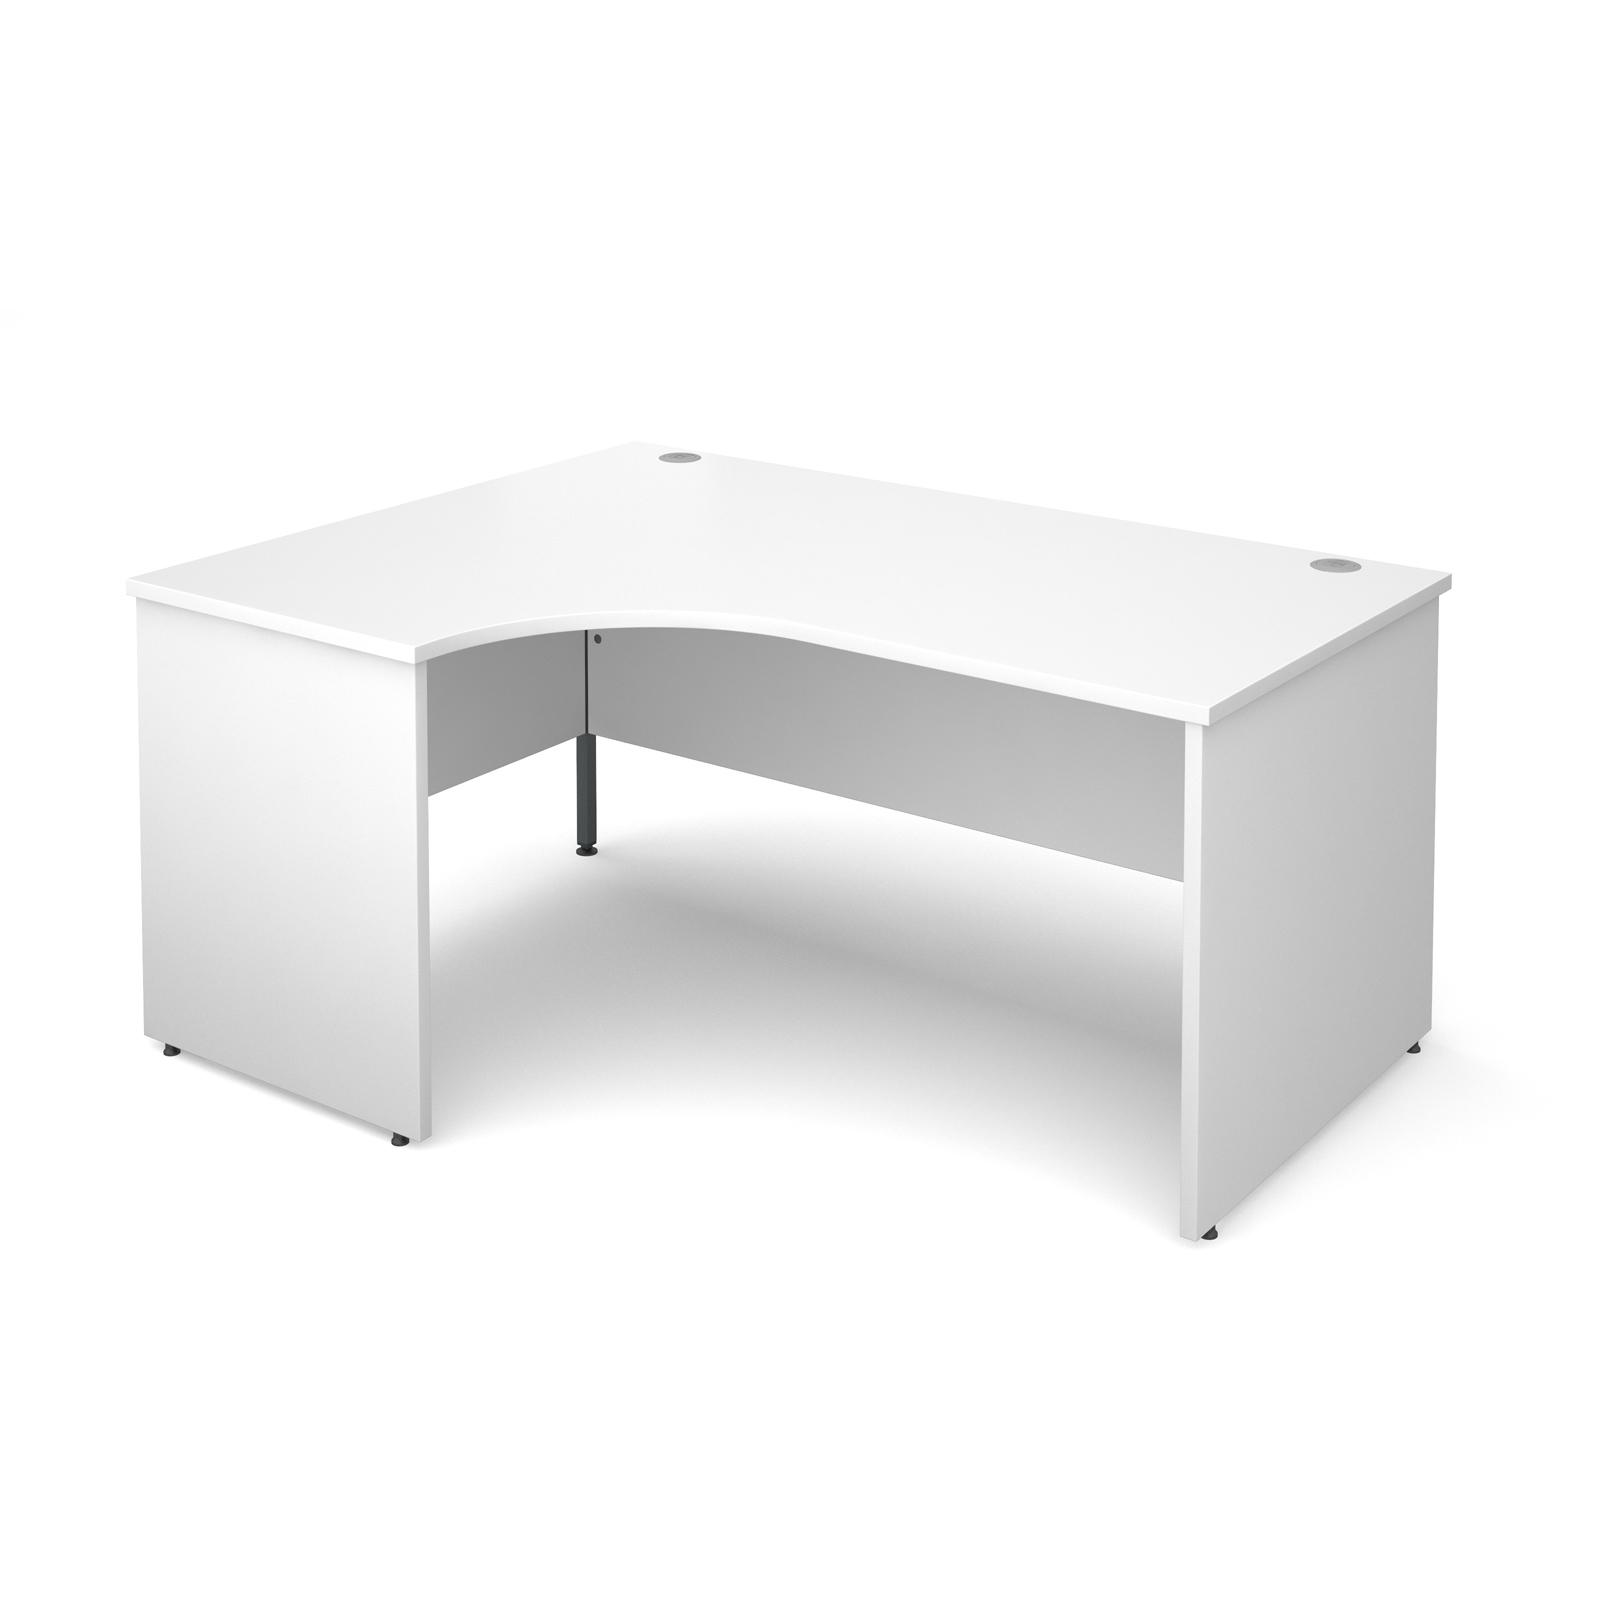 Maestro 25 Pl Left Hand Ergonomic Desk 1600mm - White Panel Leg Design